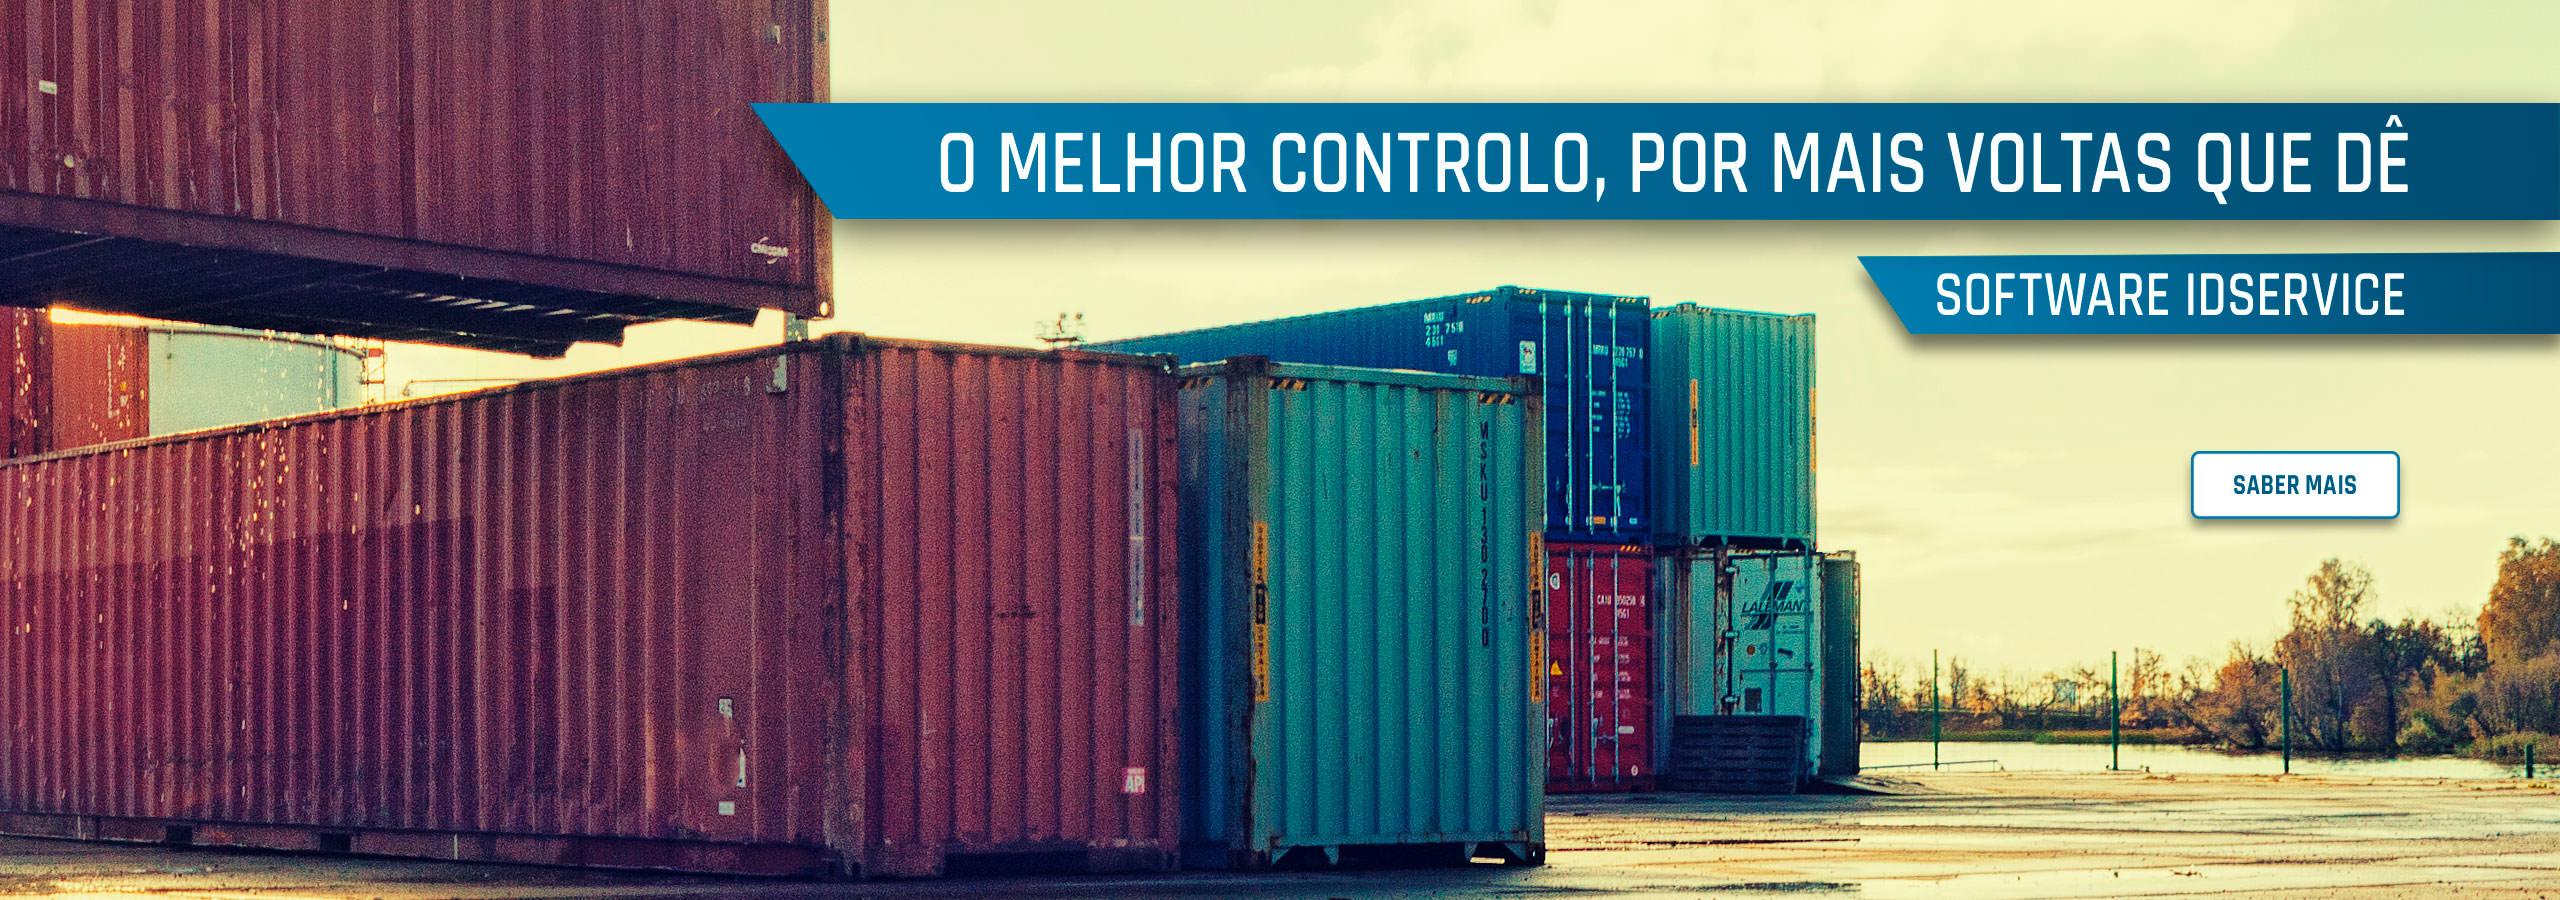 Software Controlo de Rondas | Prestação de Serviços | Seguranças | Bastões | Tags | Controlo de Patrulhas | IDONIC | IdService | IdPatrol